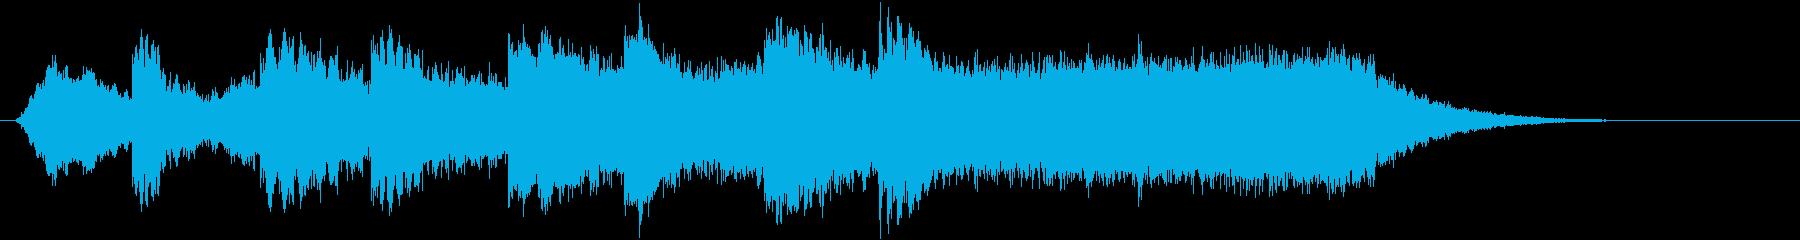 人の声(うわさ声、トラウマ、緊張)の再生済みの波形